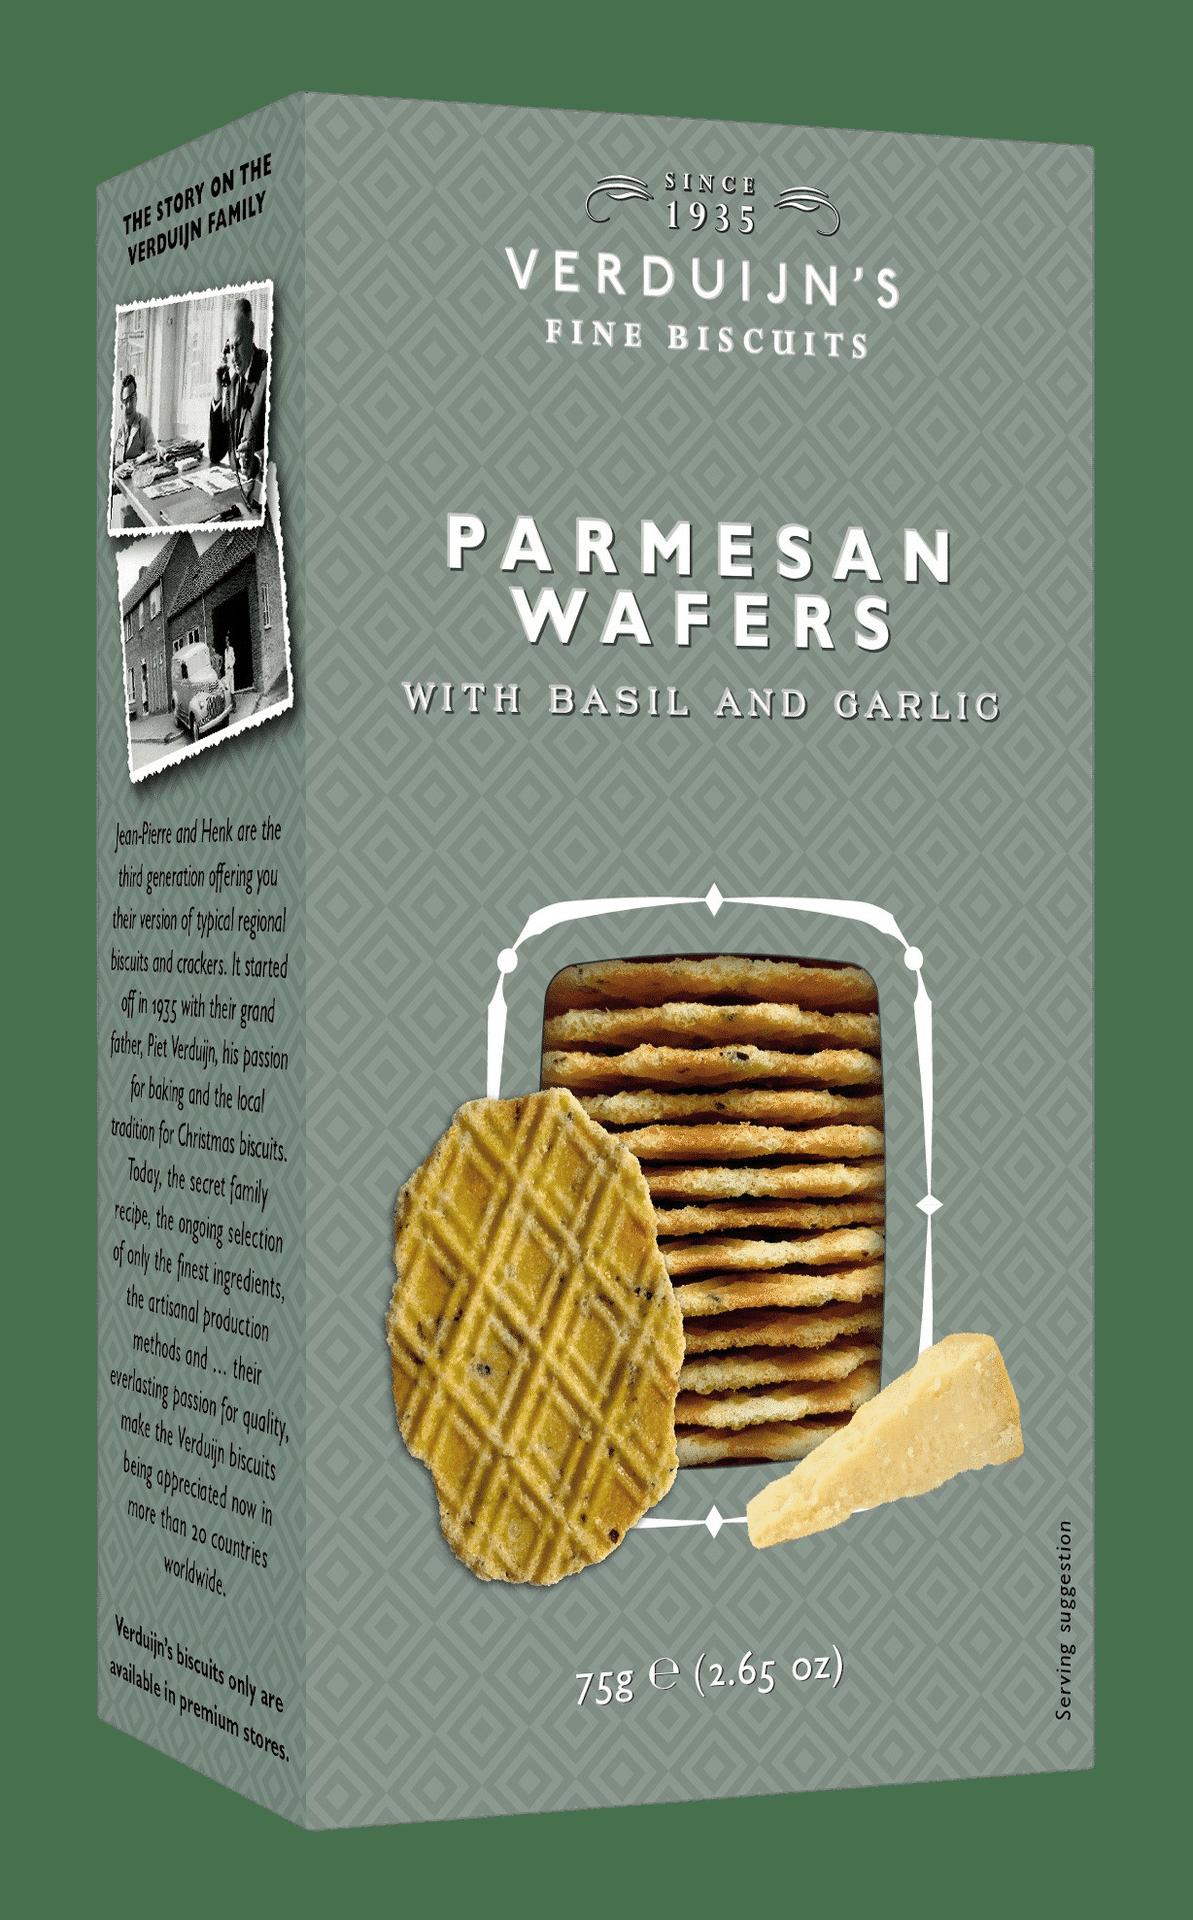 VERDUIJN'S - Parmesan Wafers - Holländische Waffeln mit Parmesan und Basilikum